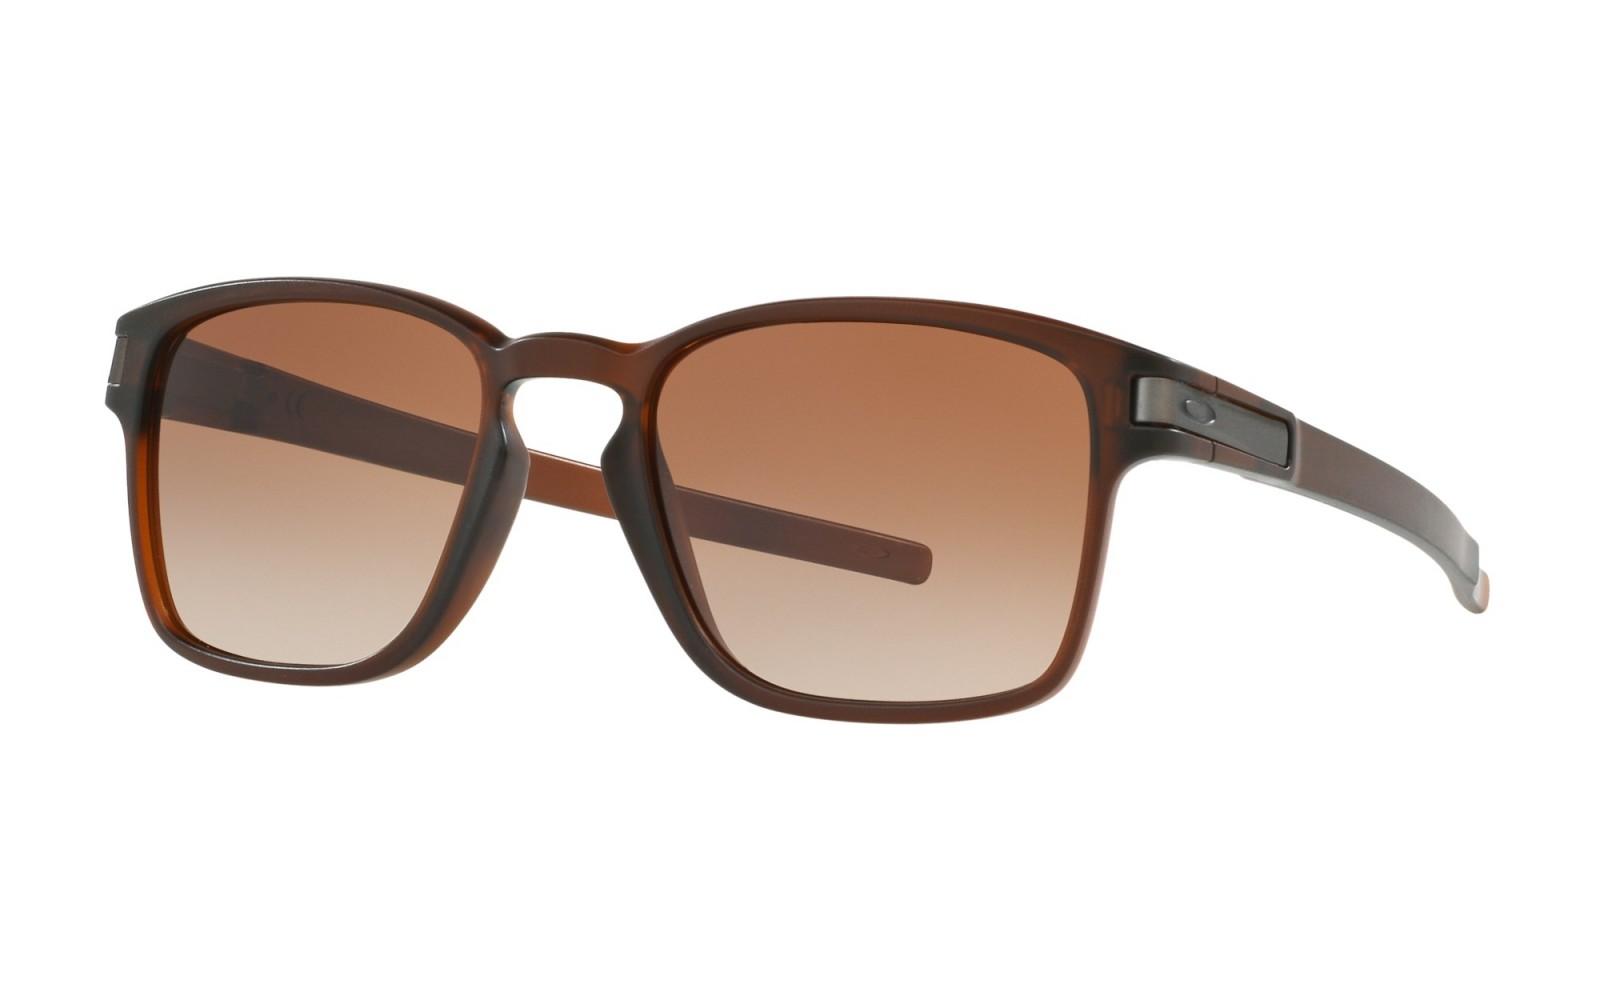 Oakley Latch Sq - Matte Dark Brown / Dark Brown Gradient - OO9353-09 Zonnebril